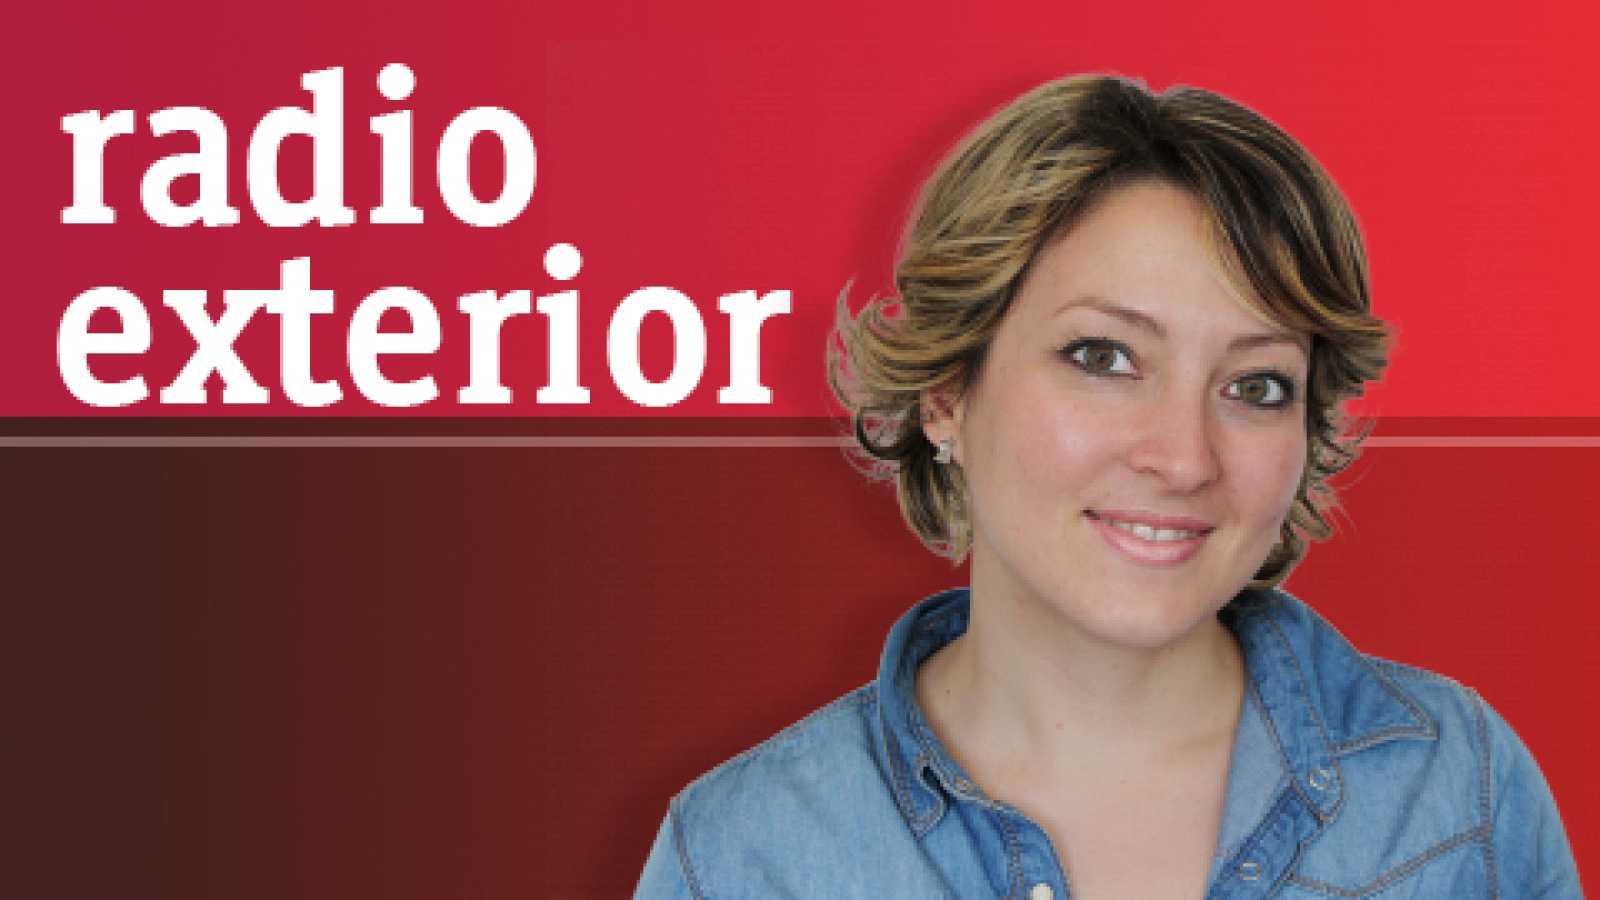 Cultura con ñ - Matarile Teatro cumple 30 años - 20/02/16 - escuchar ahora